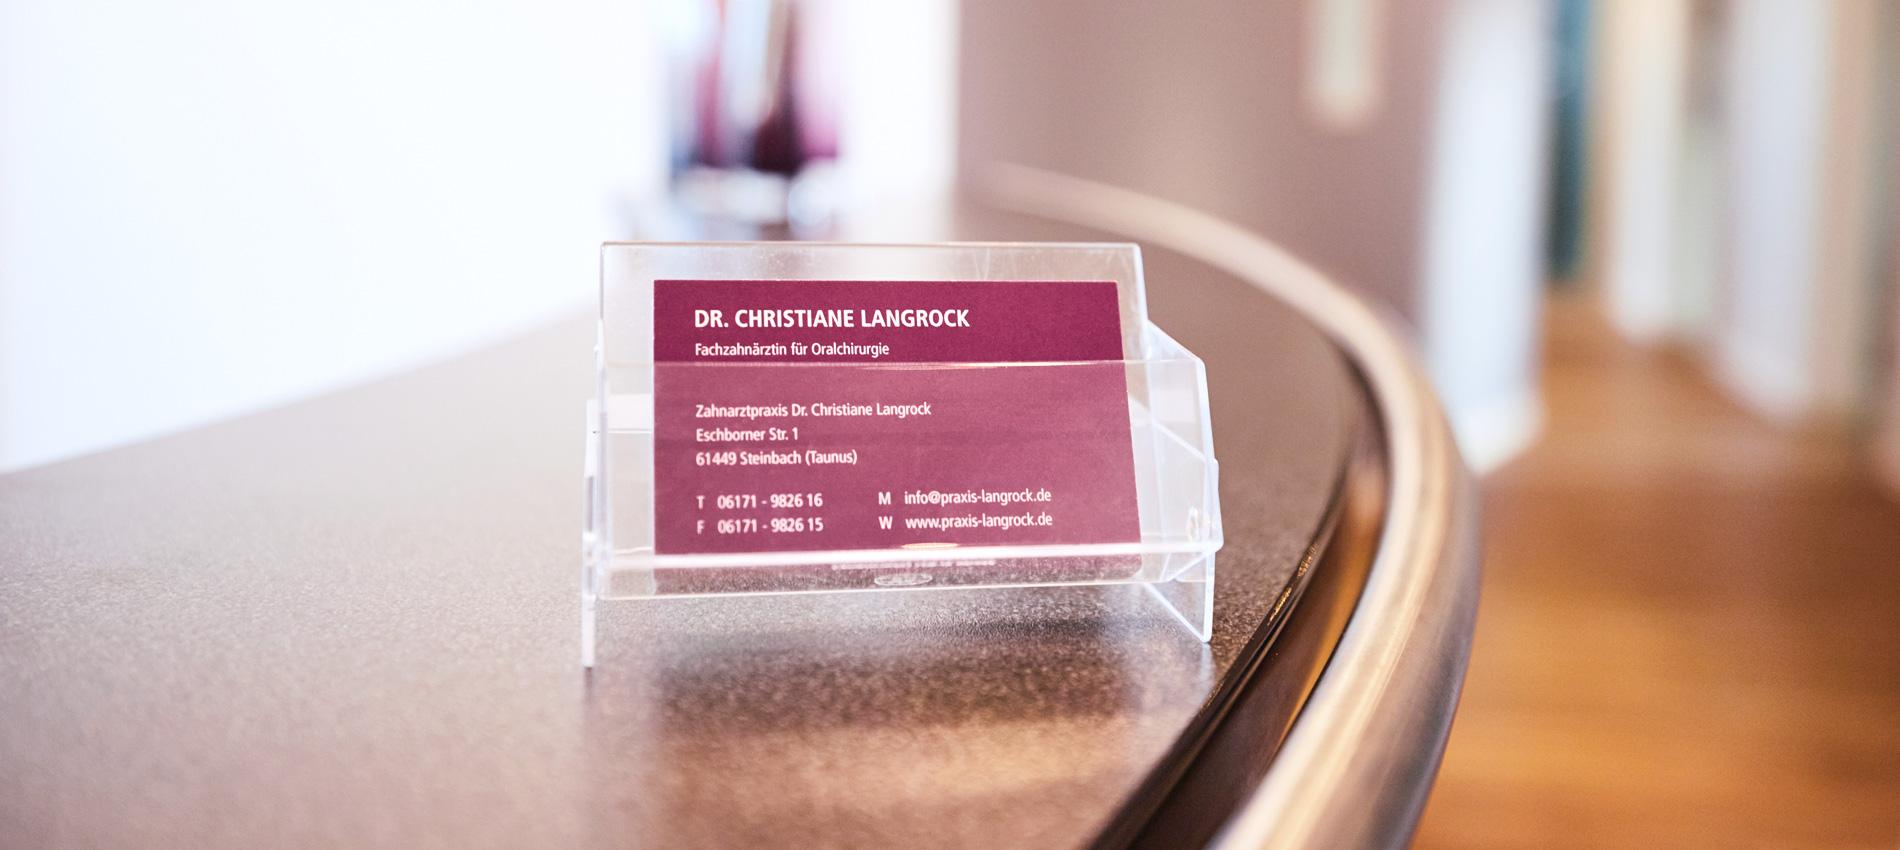 Zahnarztpraxis Dr. Christiane Langrock - Für Überweiser 1